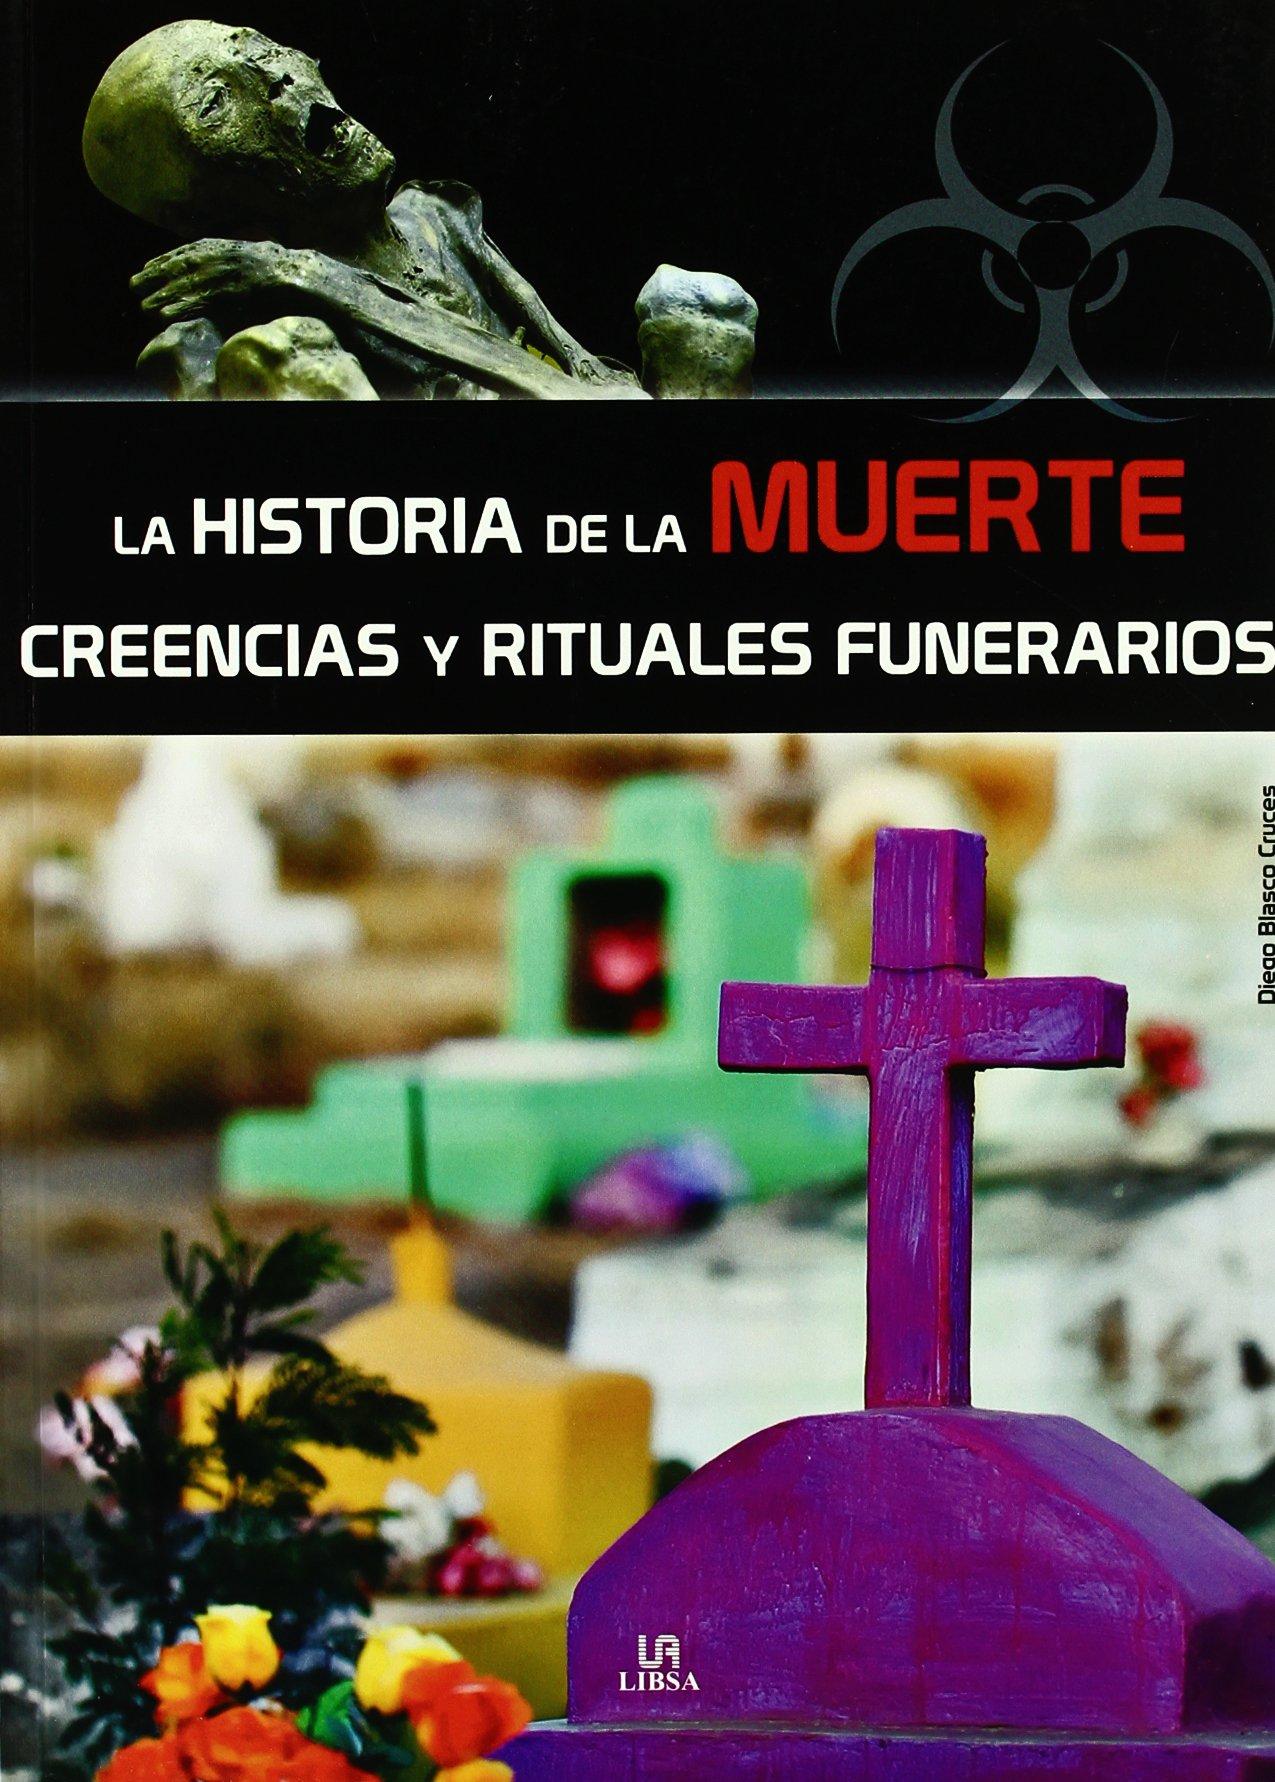 La Historia de la Muerte: Creencias y Rituales Funerarios (Secretos al Descubierto) Tapa blanda – 7 jul 2009 Diego Blasco Cruces Libsa 8466219099 CDL_2-3_0020873